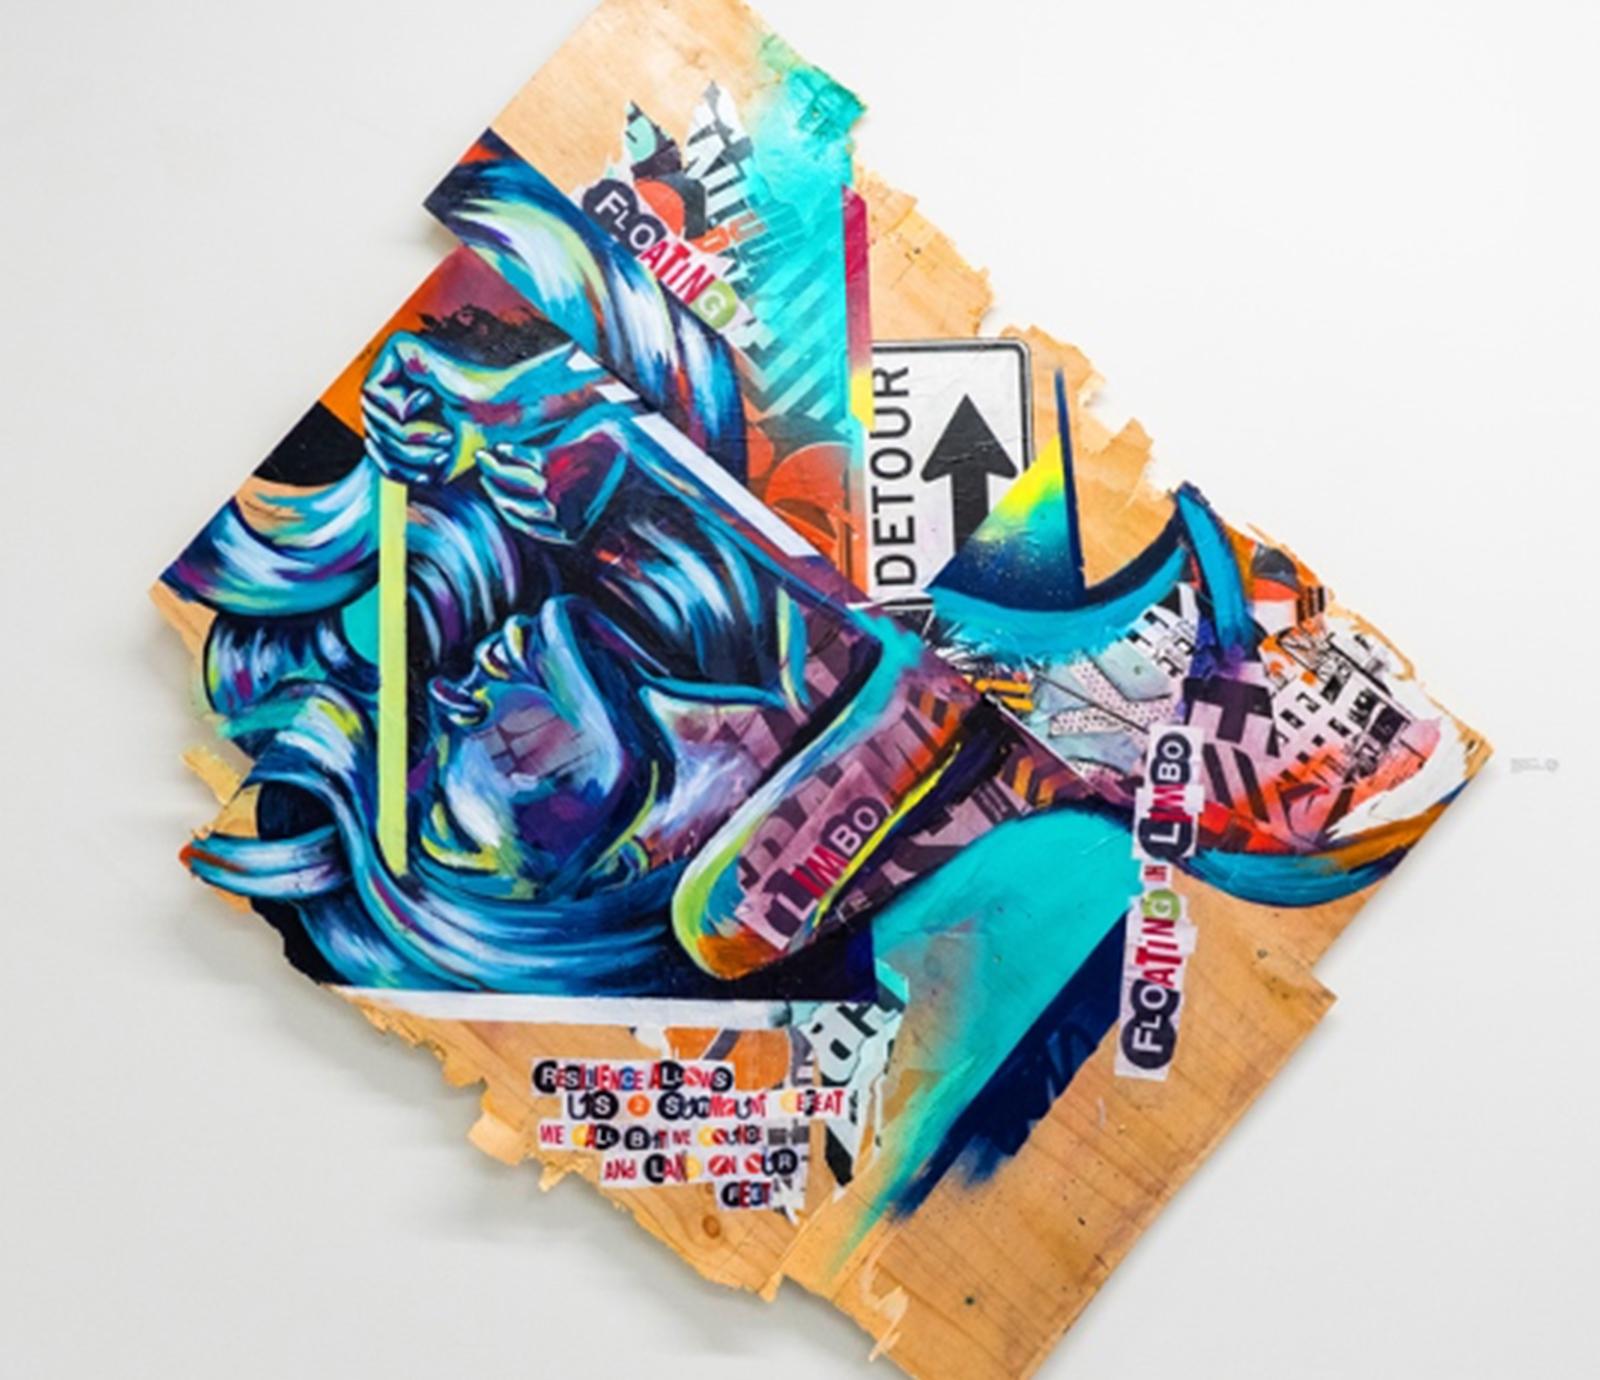 Painting - Bianca Romero